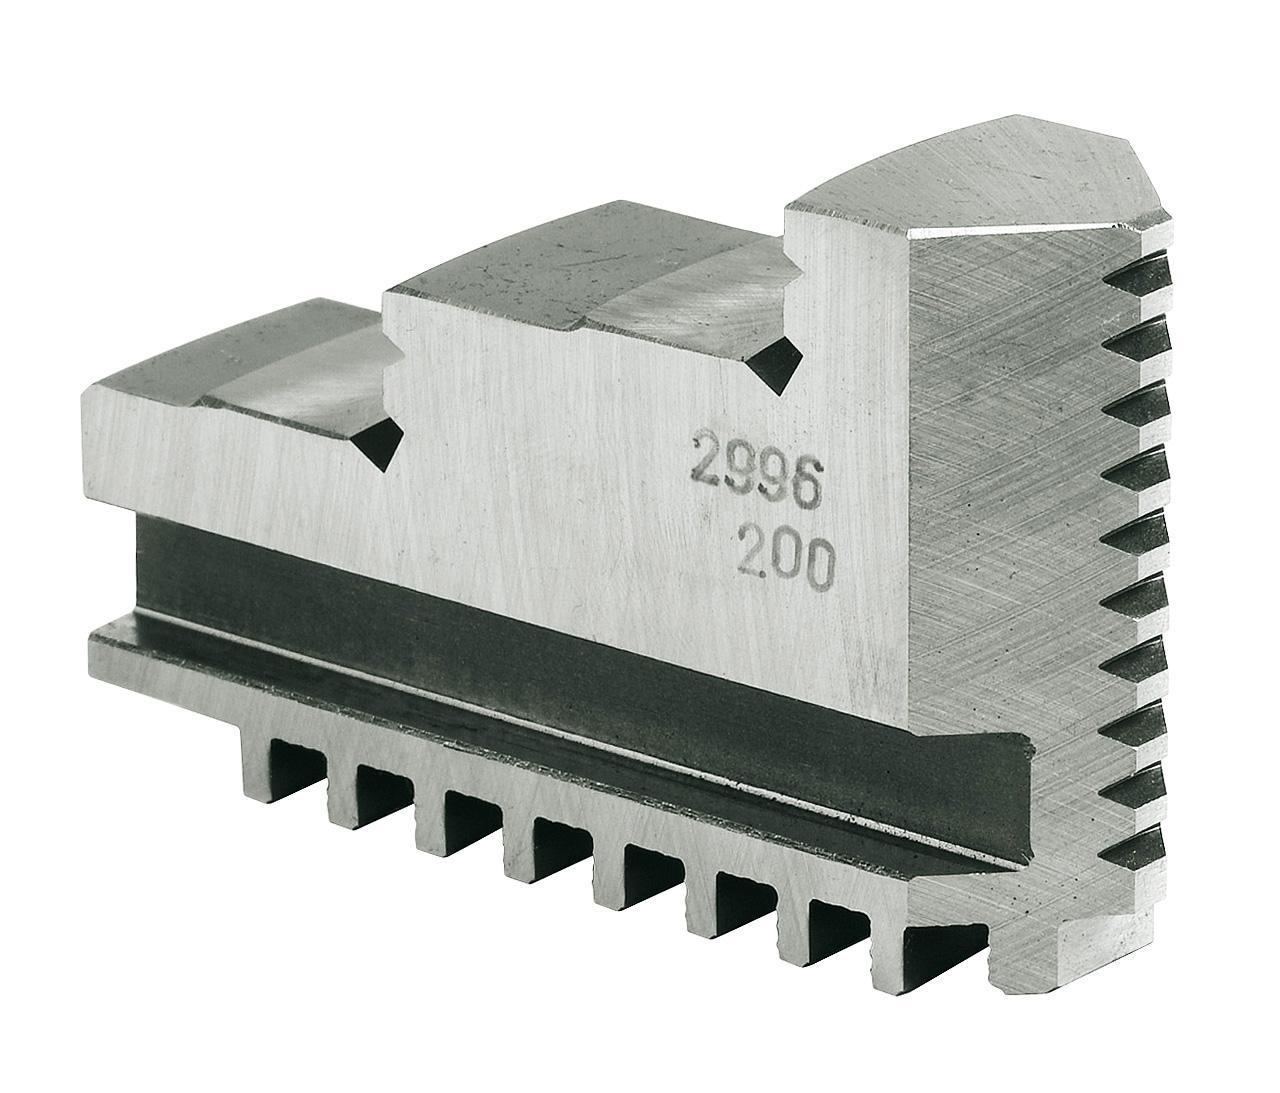 Szczęki jednolite twarde zewnętrzne - komplet DOJ-DK11-400 BERNARDO